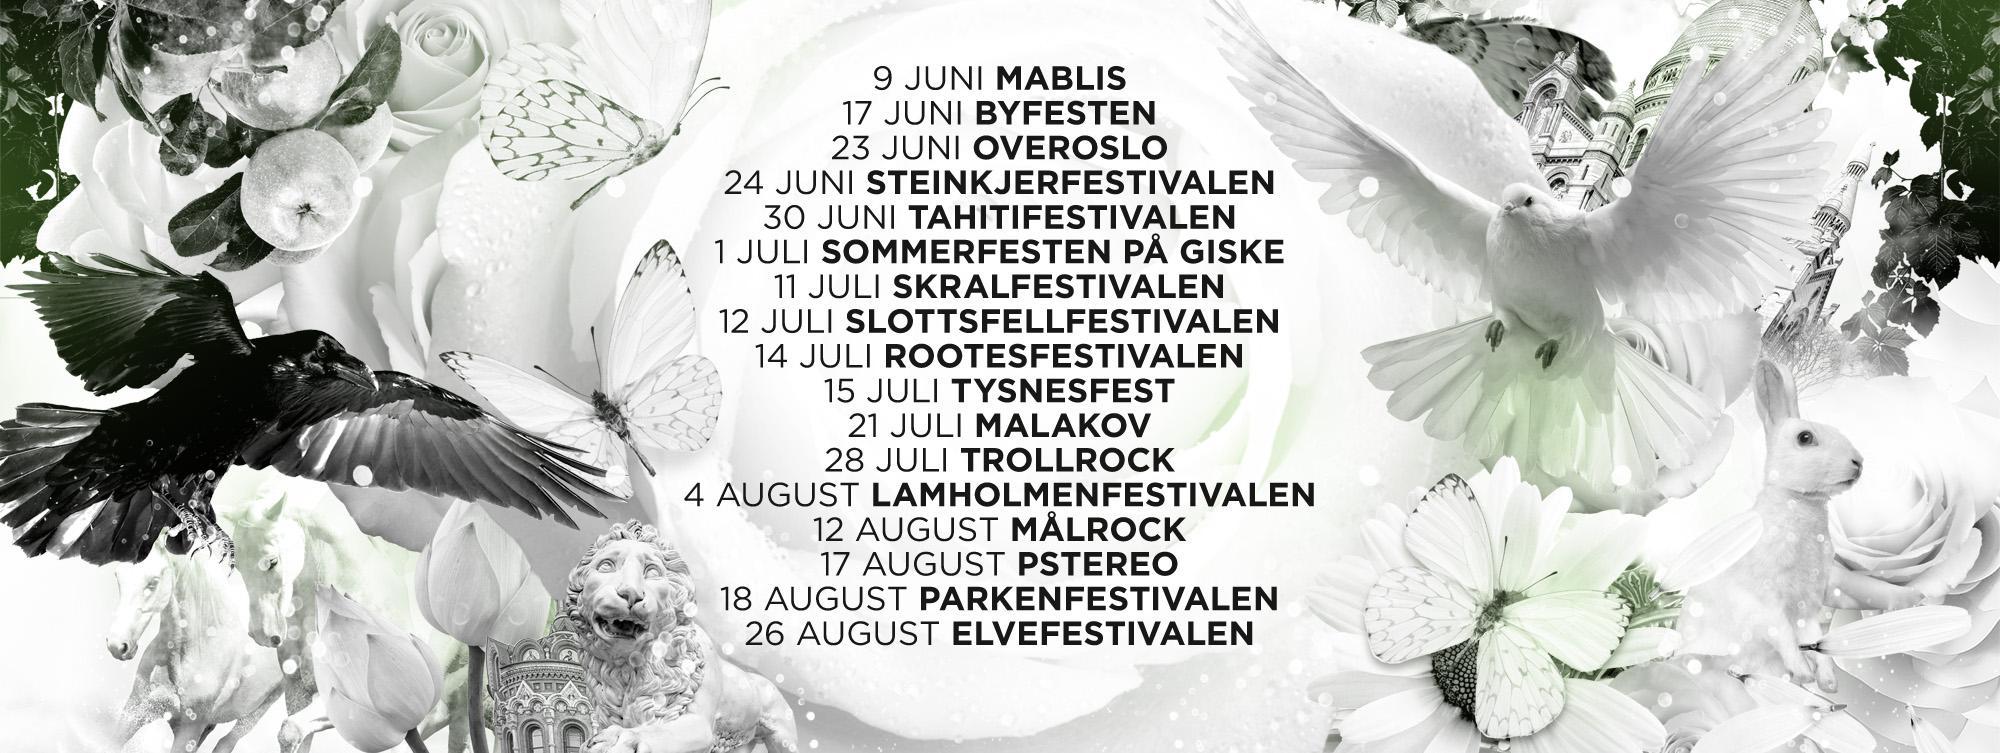 Sommerfestivaler 2017